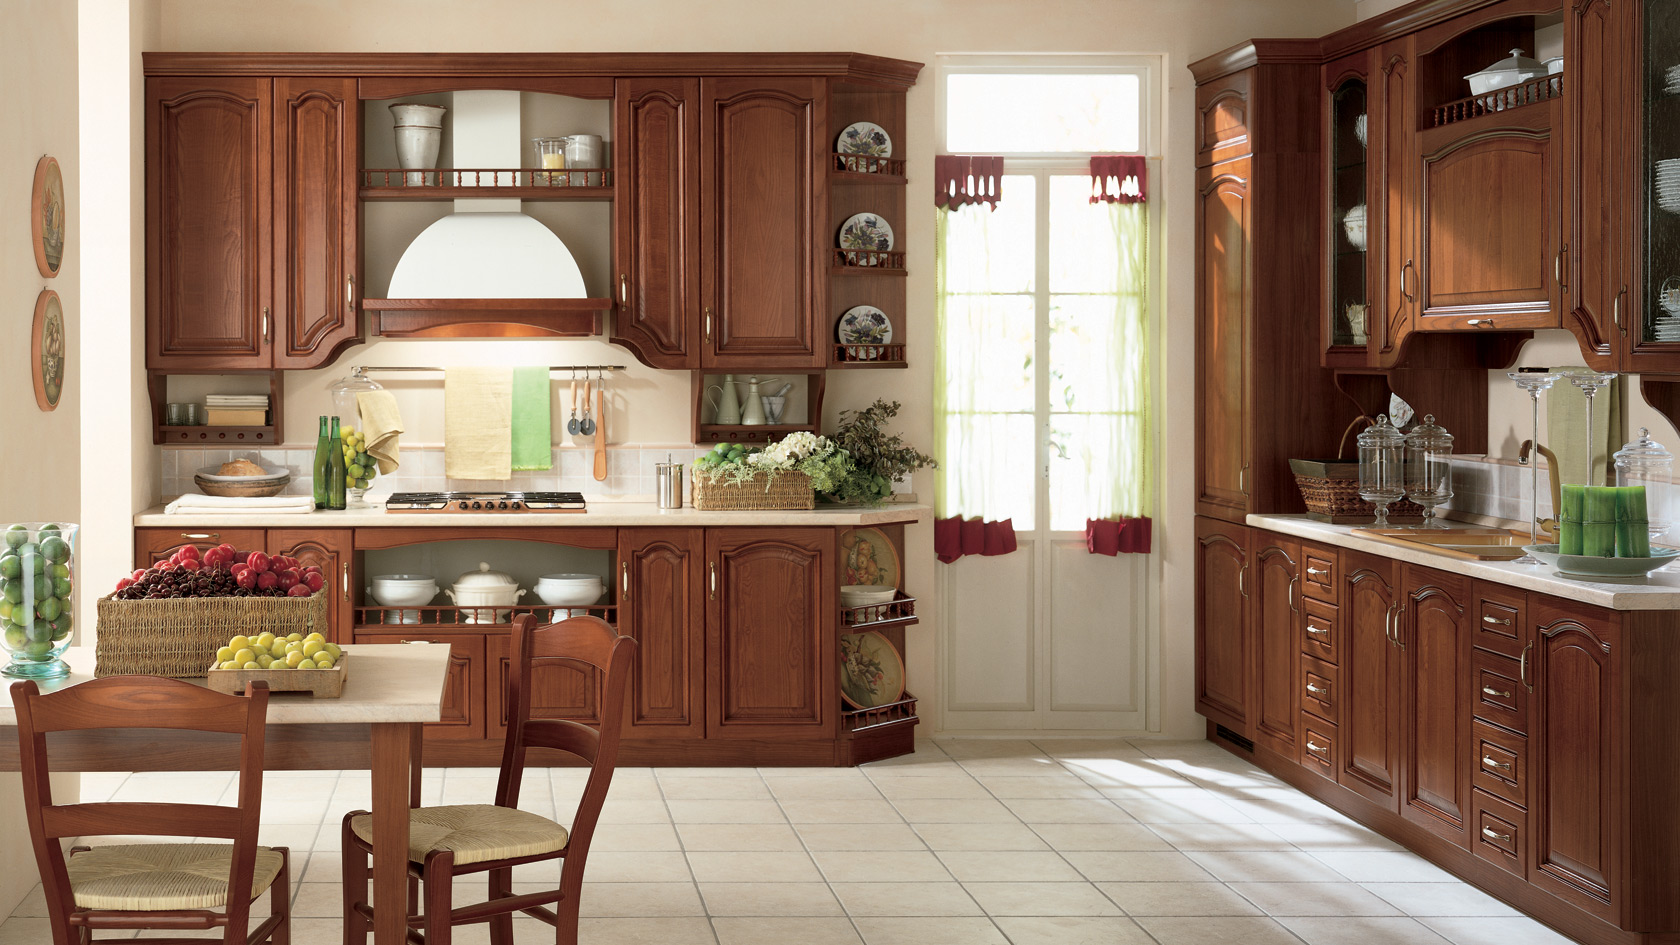 Arredamenti iacobellis laterza mobili moderni e - Scavolini cucine classiche ...